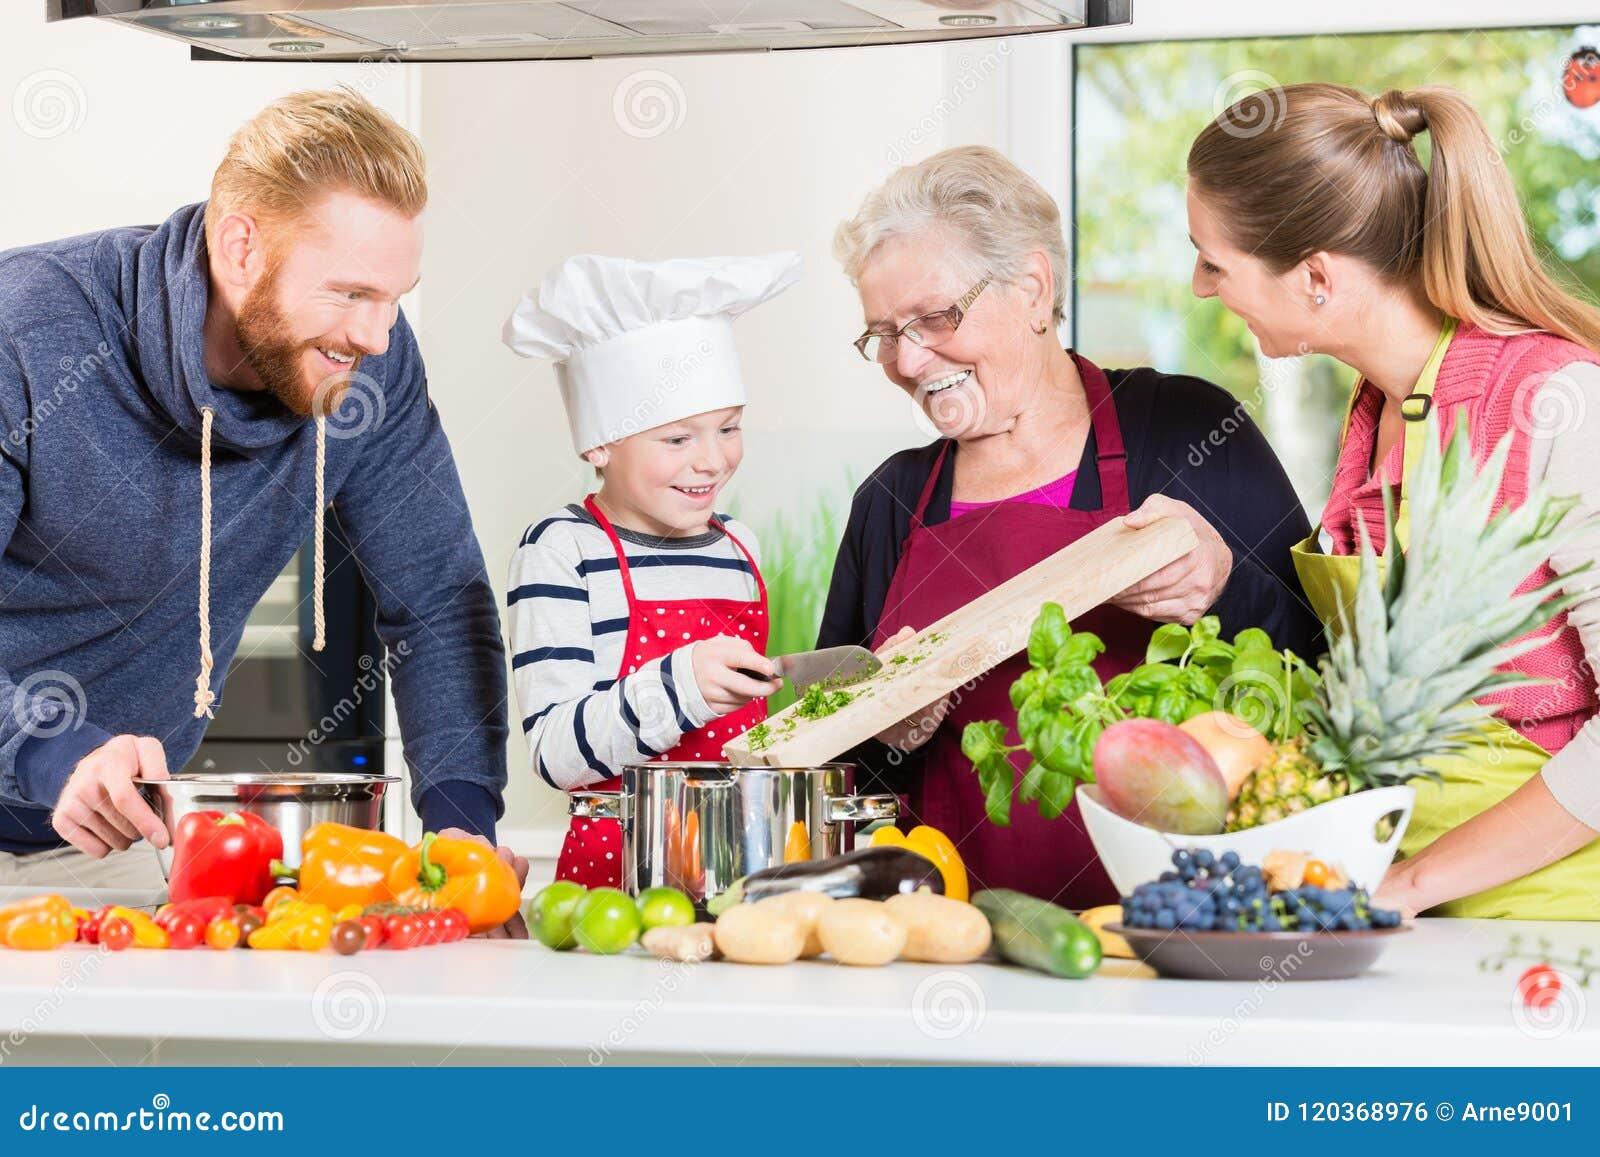 Família que cozinha no agregado familiar multigenerational